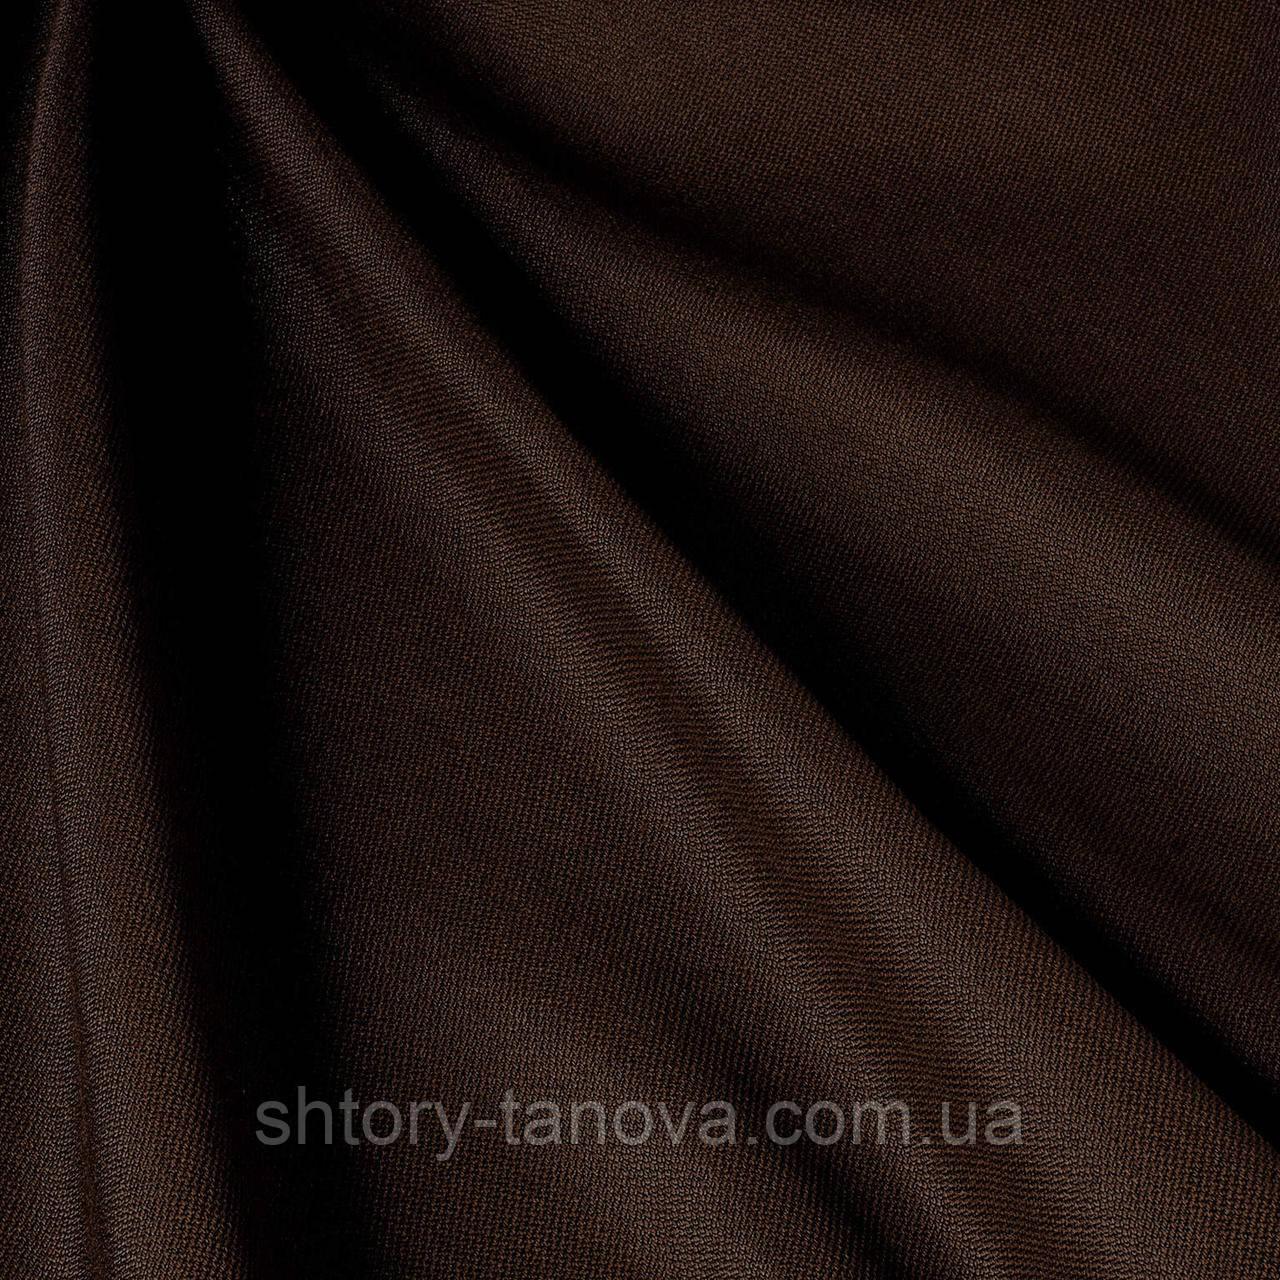 Дралон однотонный с тефлоновым покрытием, тёмно-коричневый